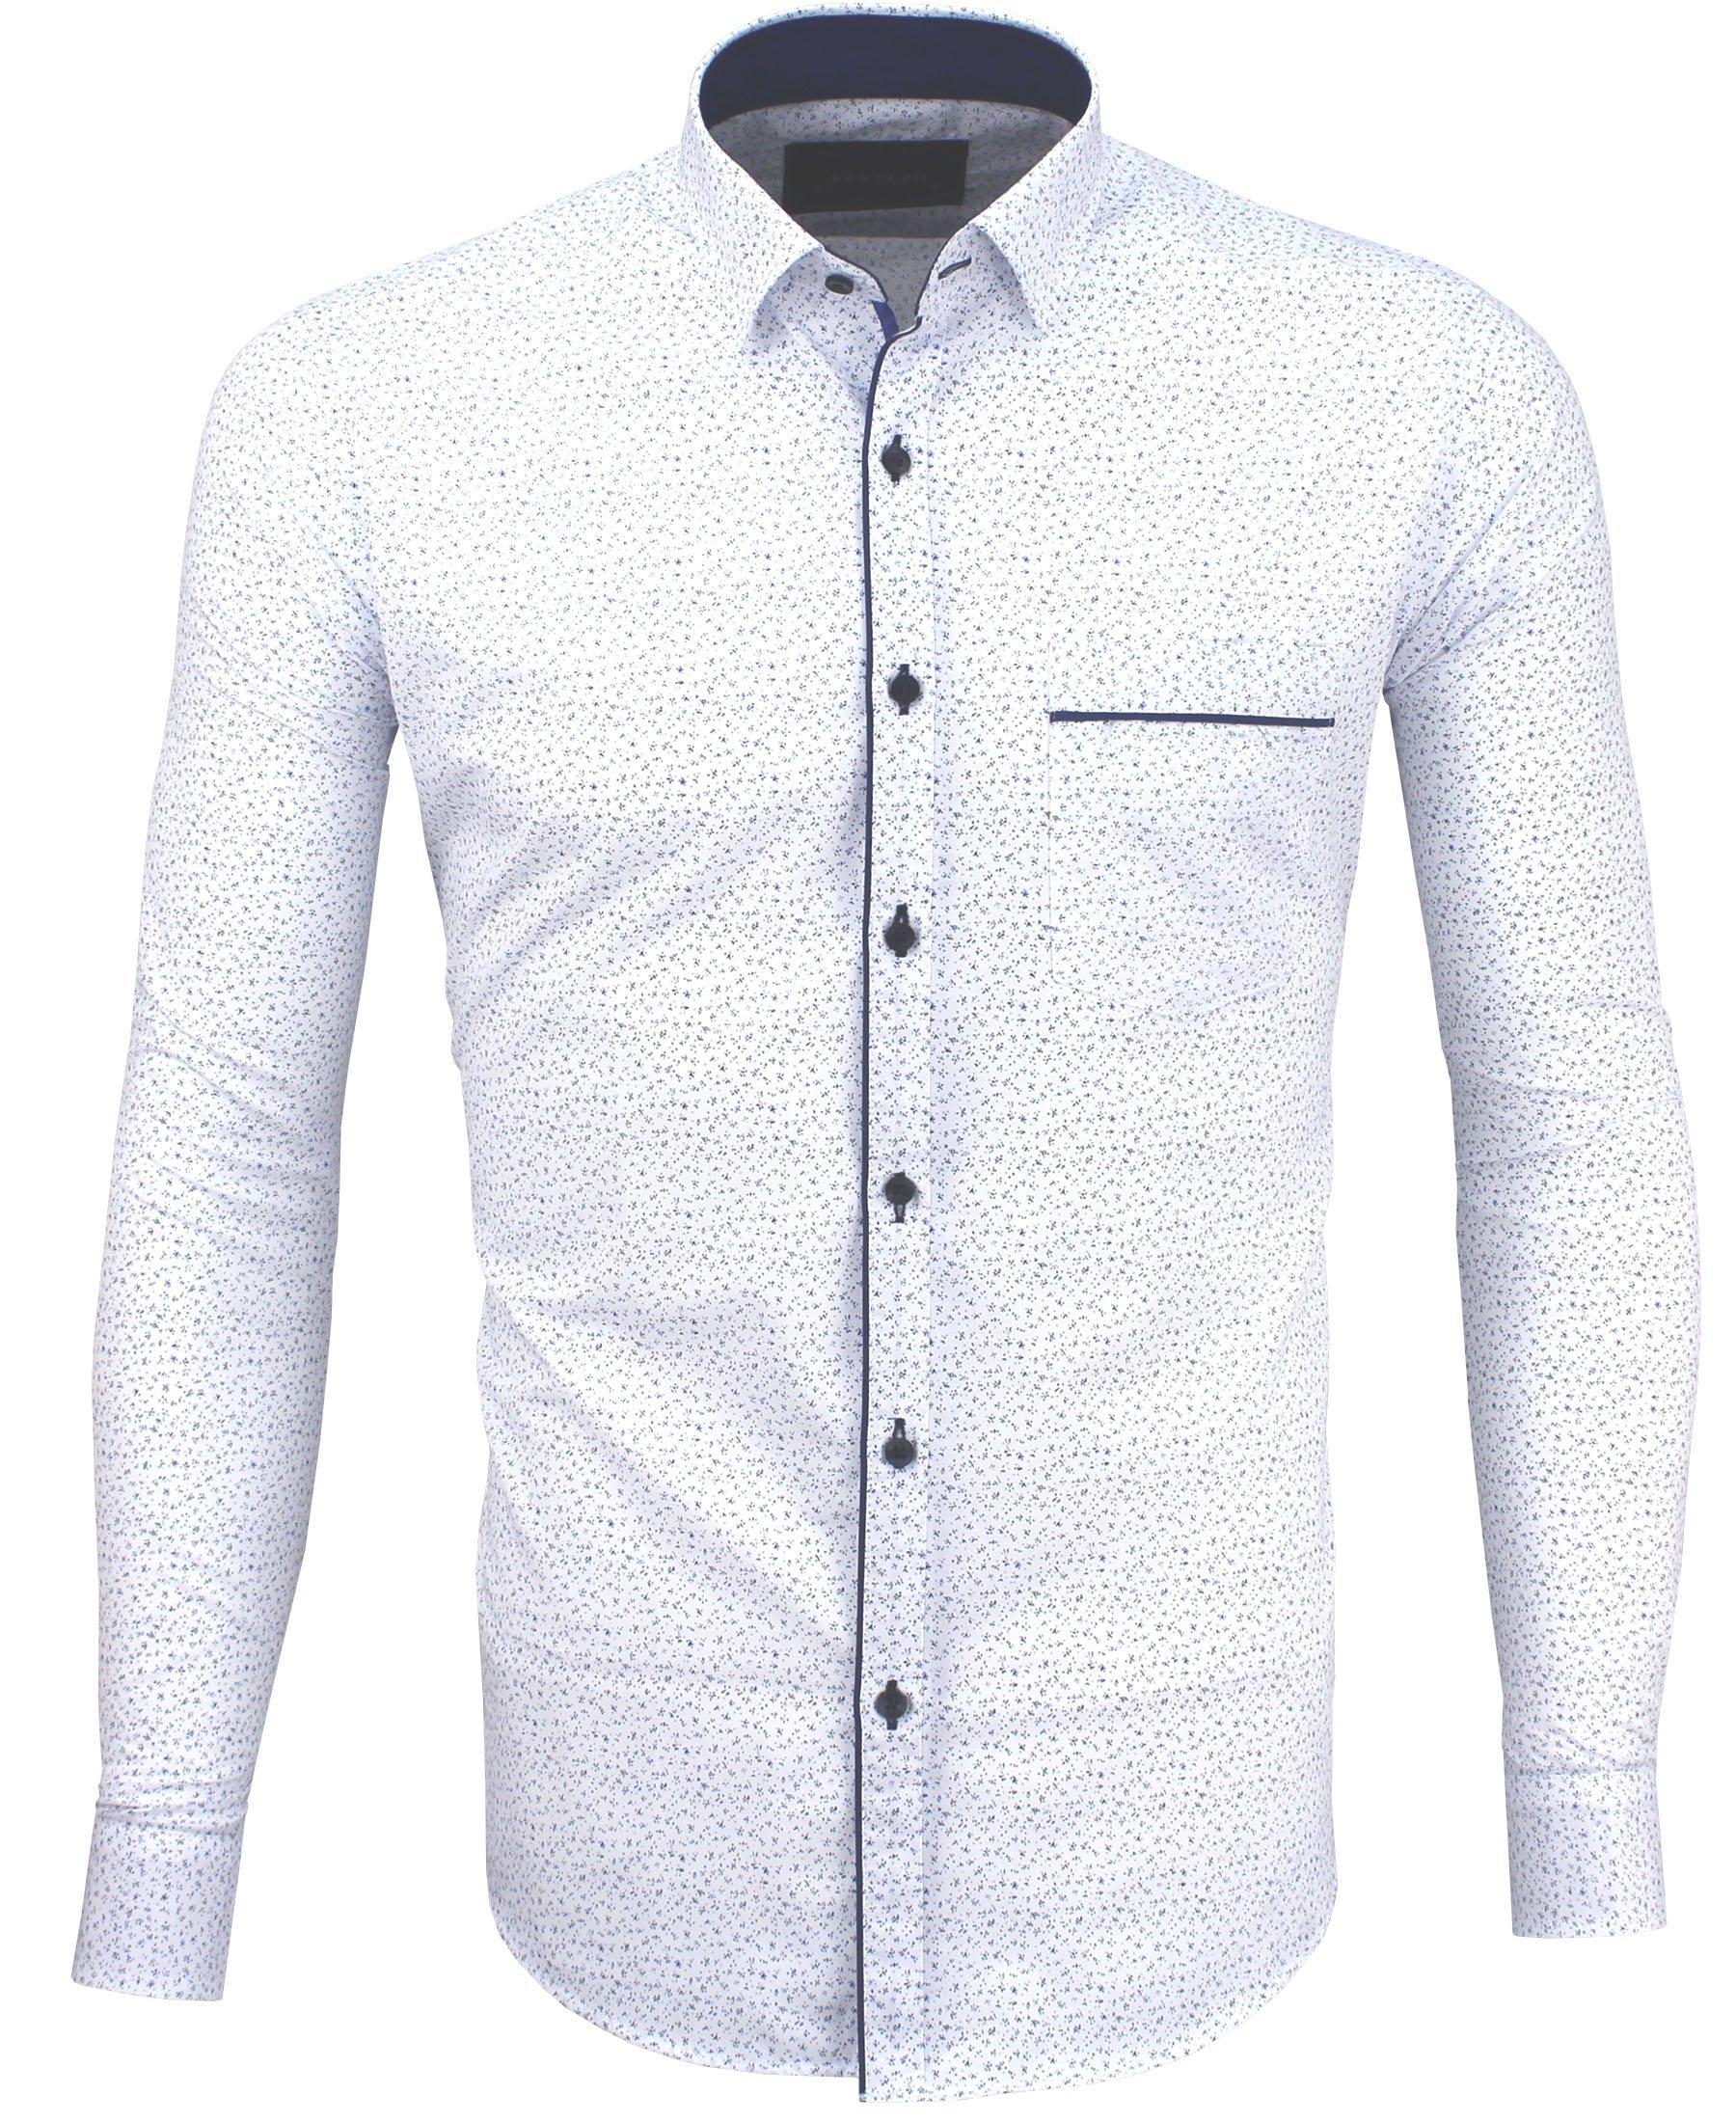 Koszula Męska Z Kieszenią Bawełniana 463 Megakoszule Pl